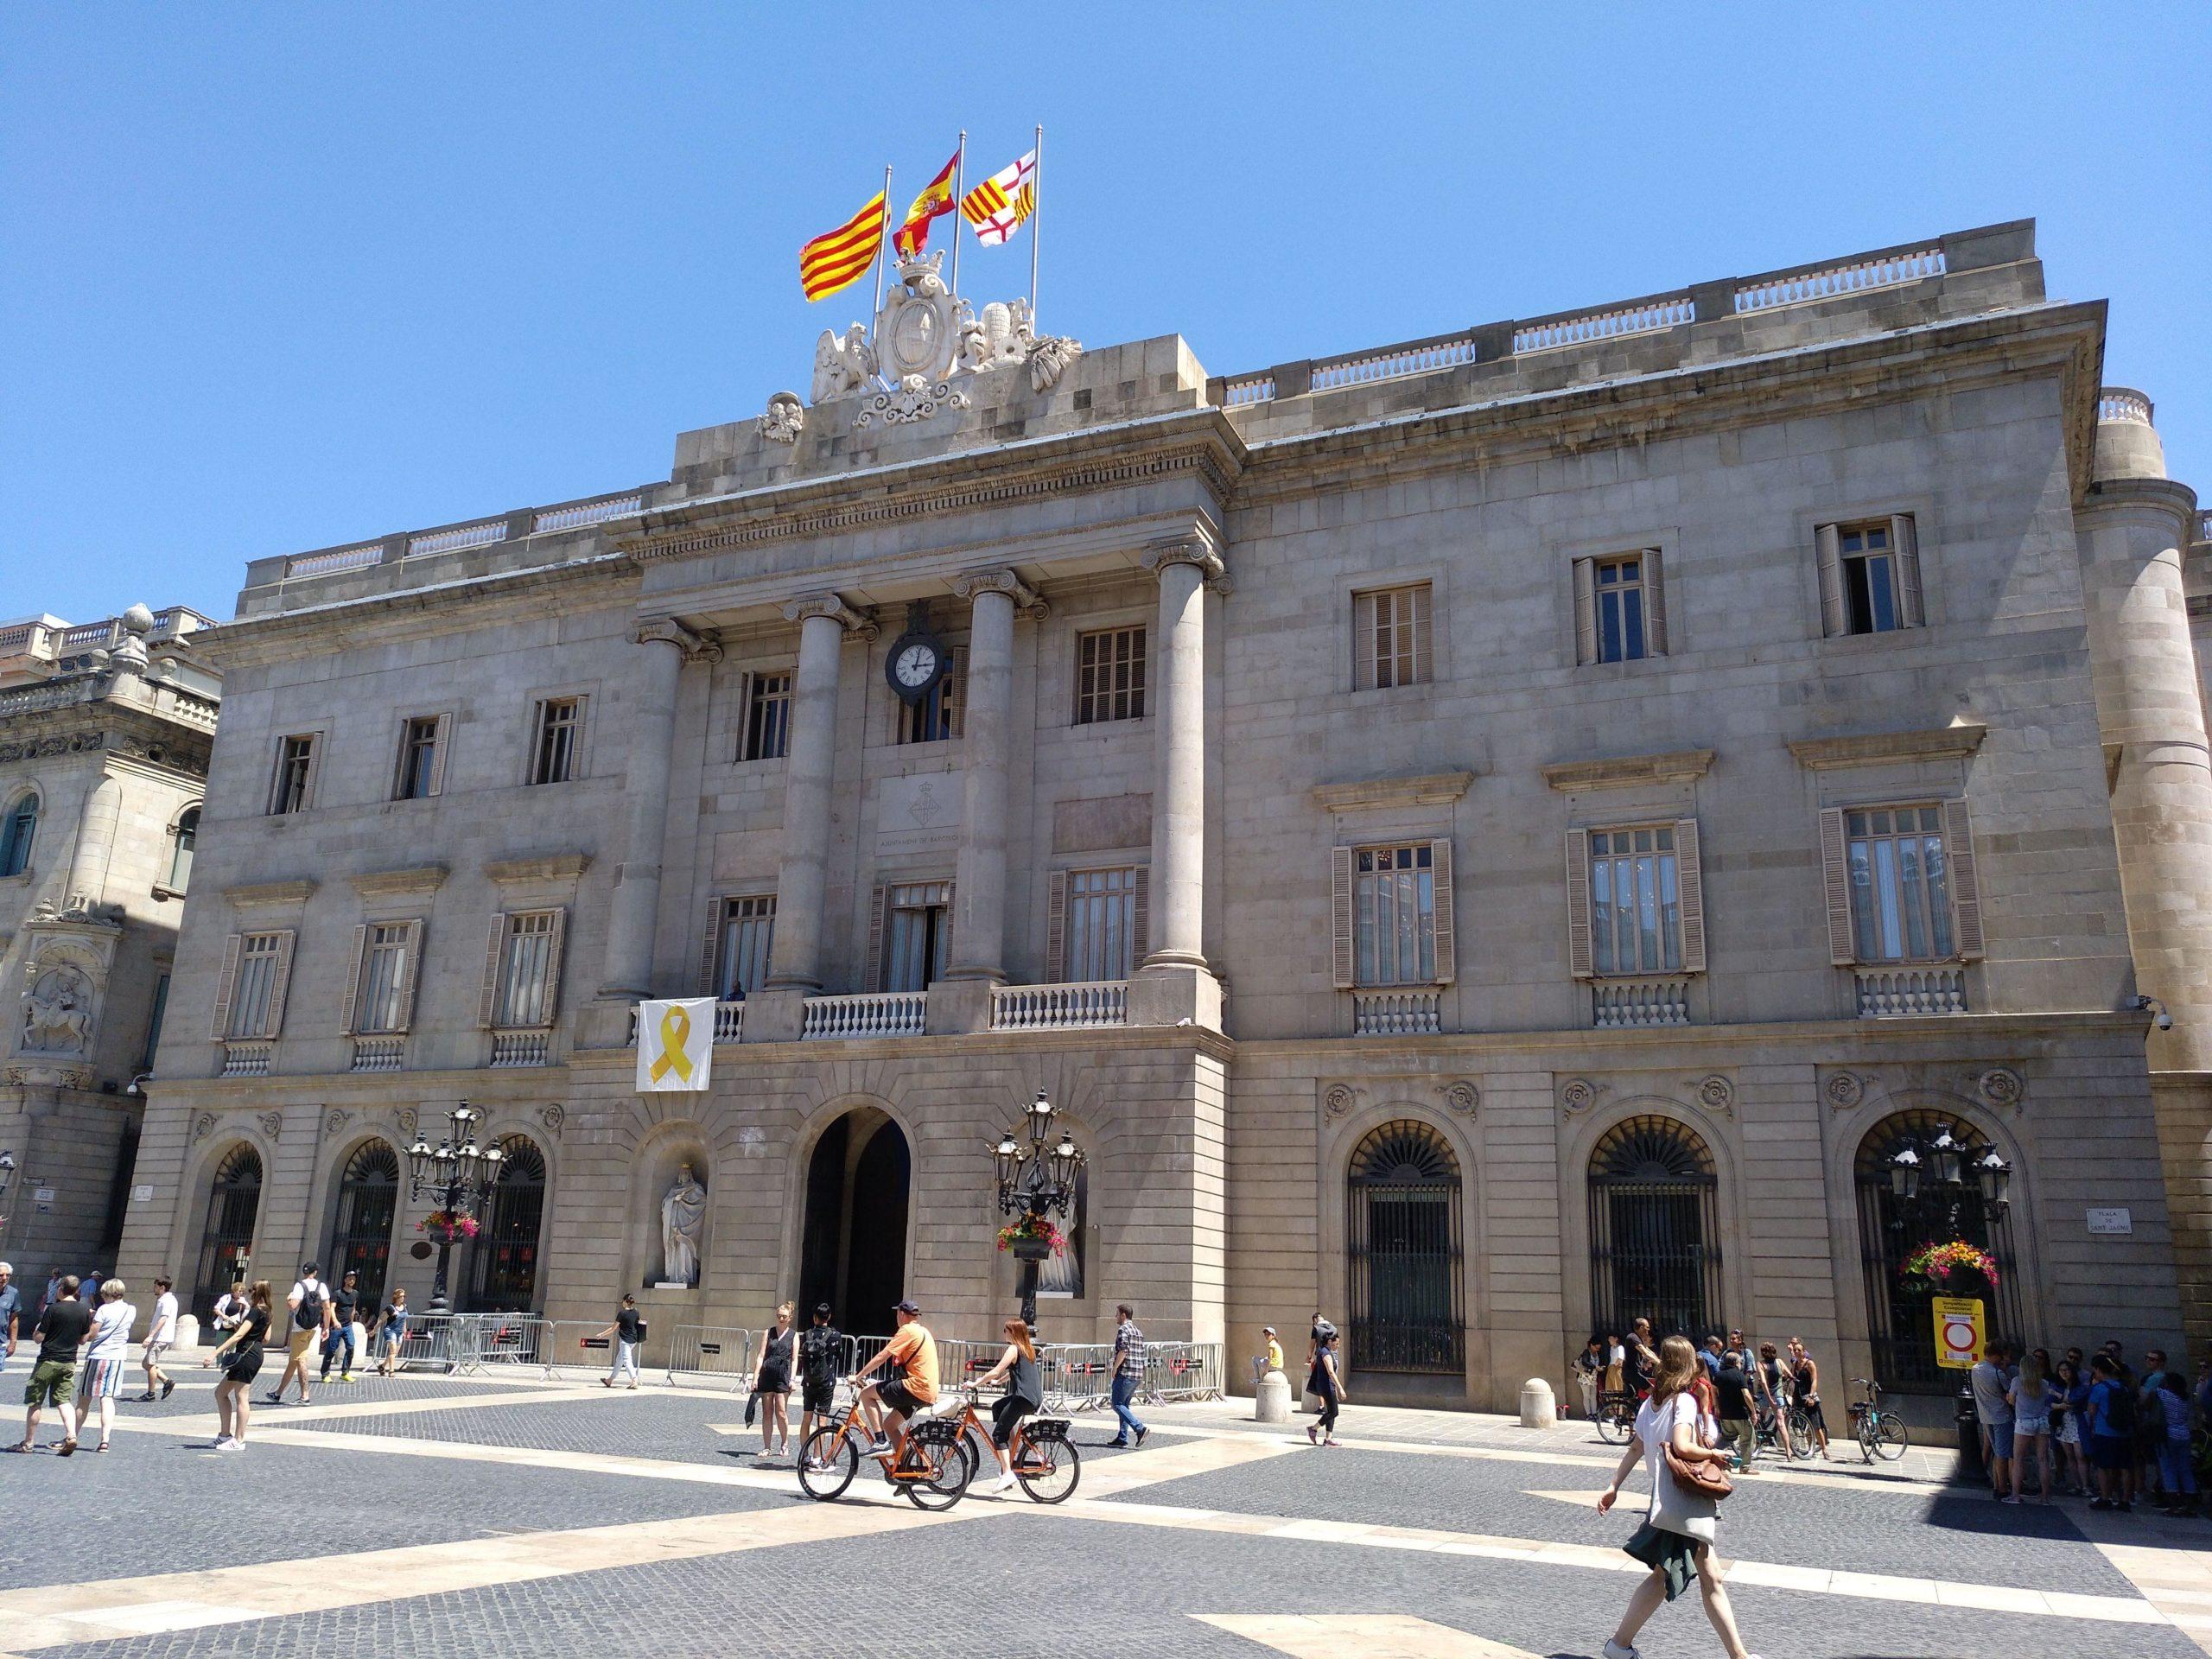 Façana de l'Ajuntament de Barcelona amb el llaç groc / MMP